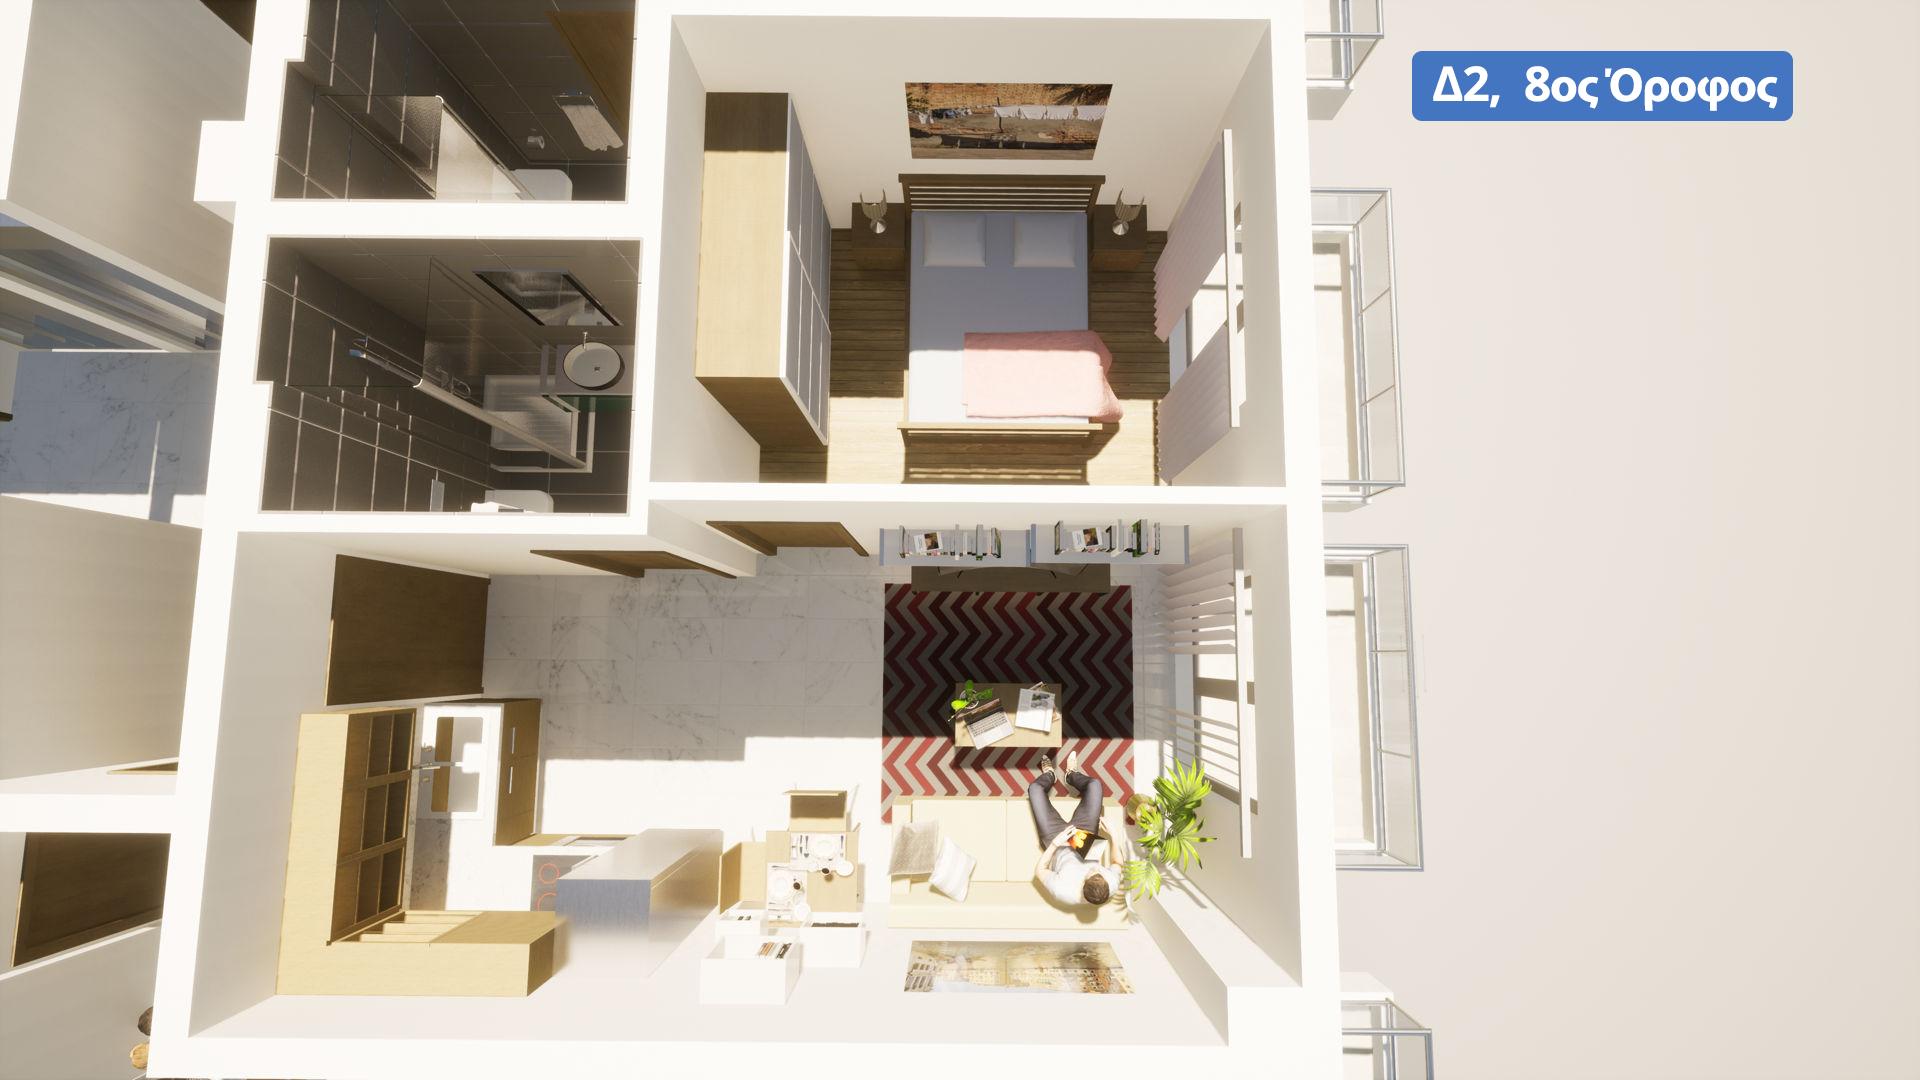 Δ2, 8ος όροφος